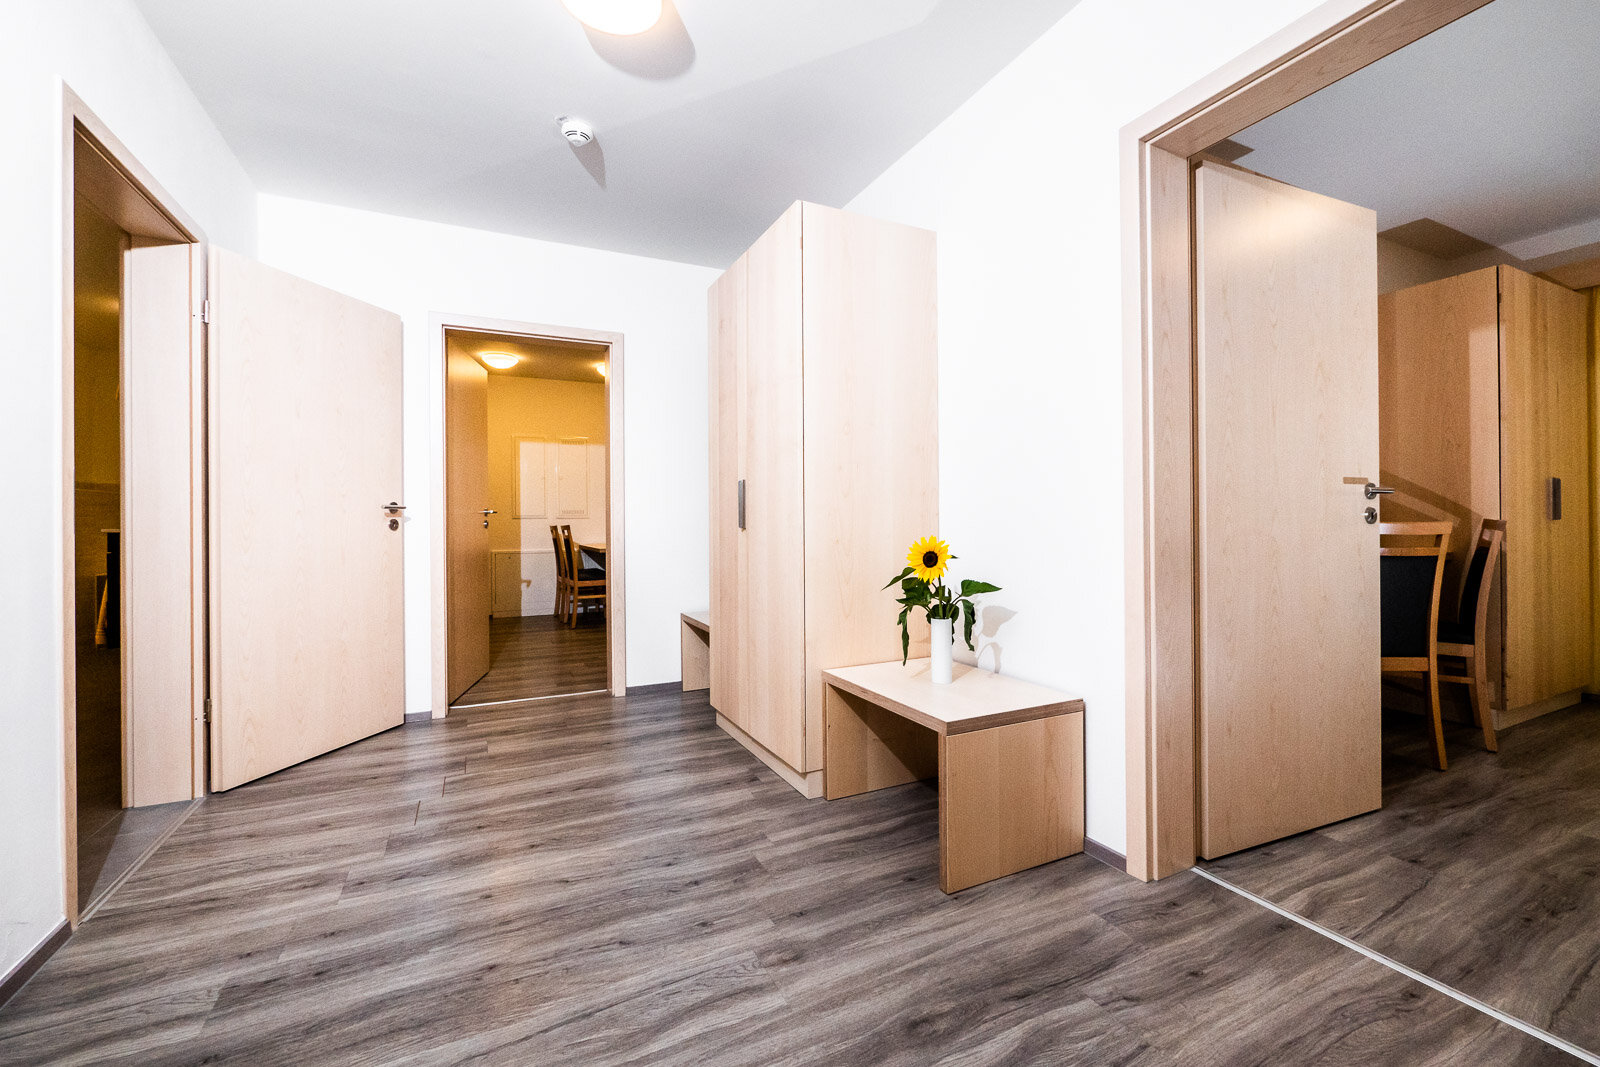 Apartment / Suite 5